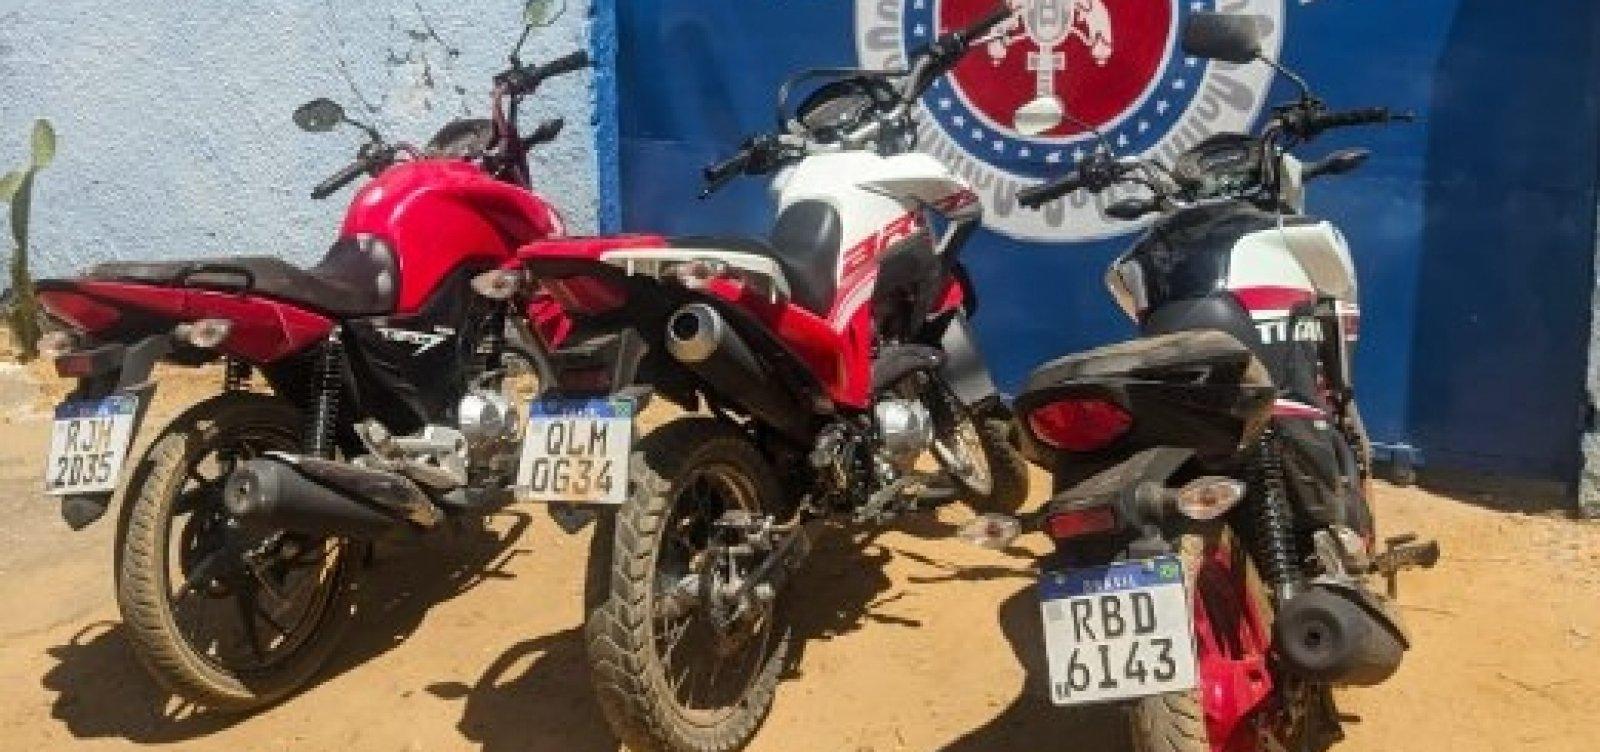 Polícia conduz à delegacia seis condutores e apreende 11 carros e motos adulterados na Bahia